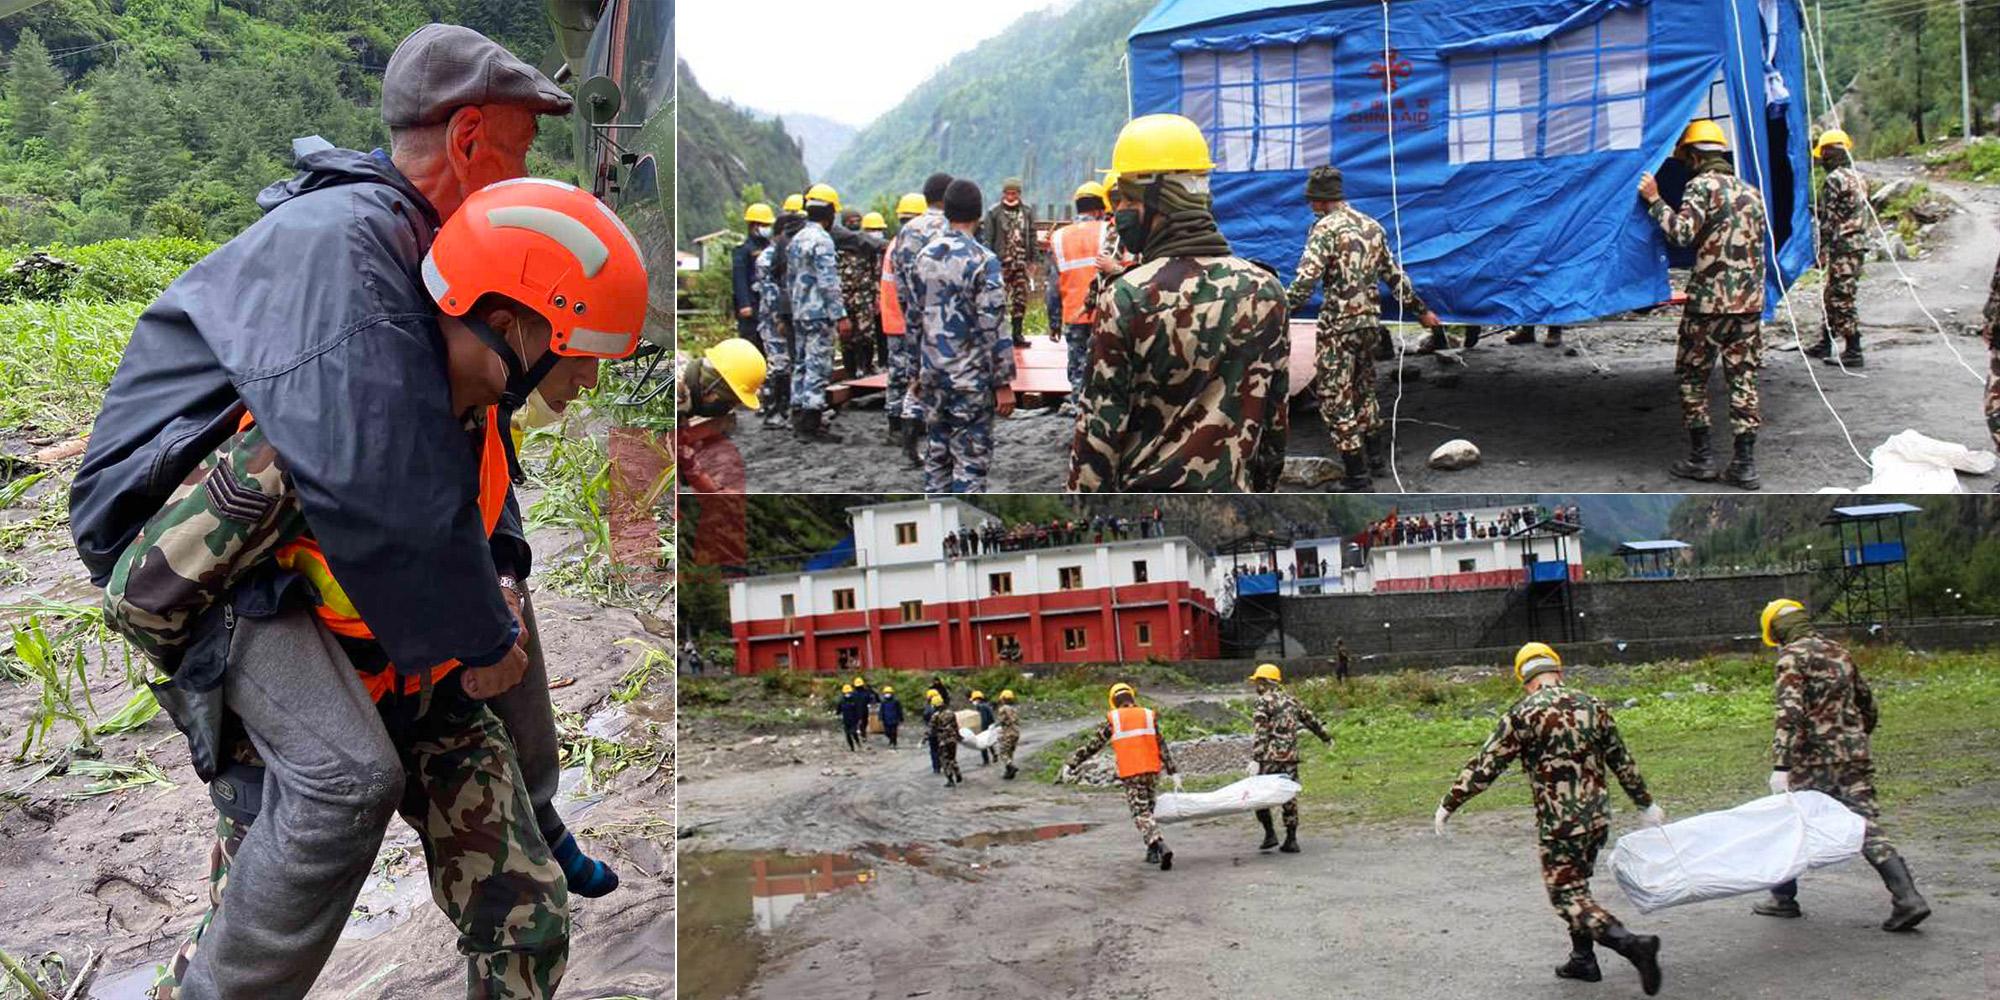 बाढीपीडितको उद्दारमा यसरी खटिएको छ नेपाली सेना (तस्बिरहरू)